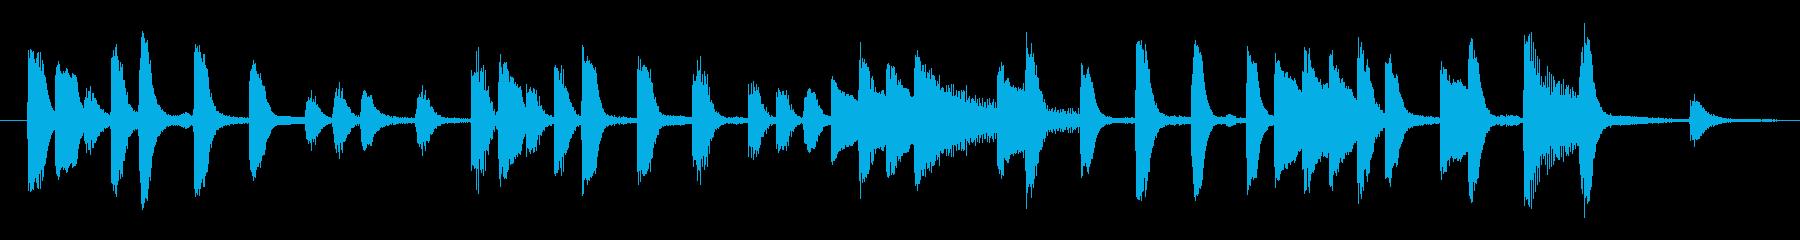 ほのぼのコミカルな ピアノのジングルの再生済みの波形